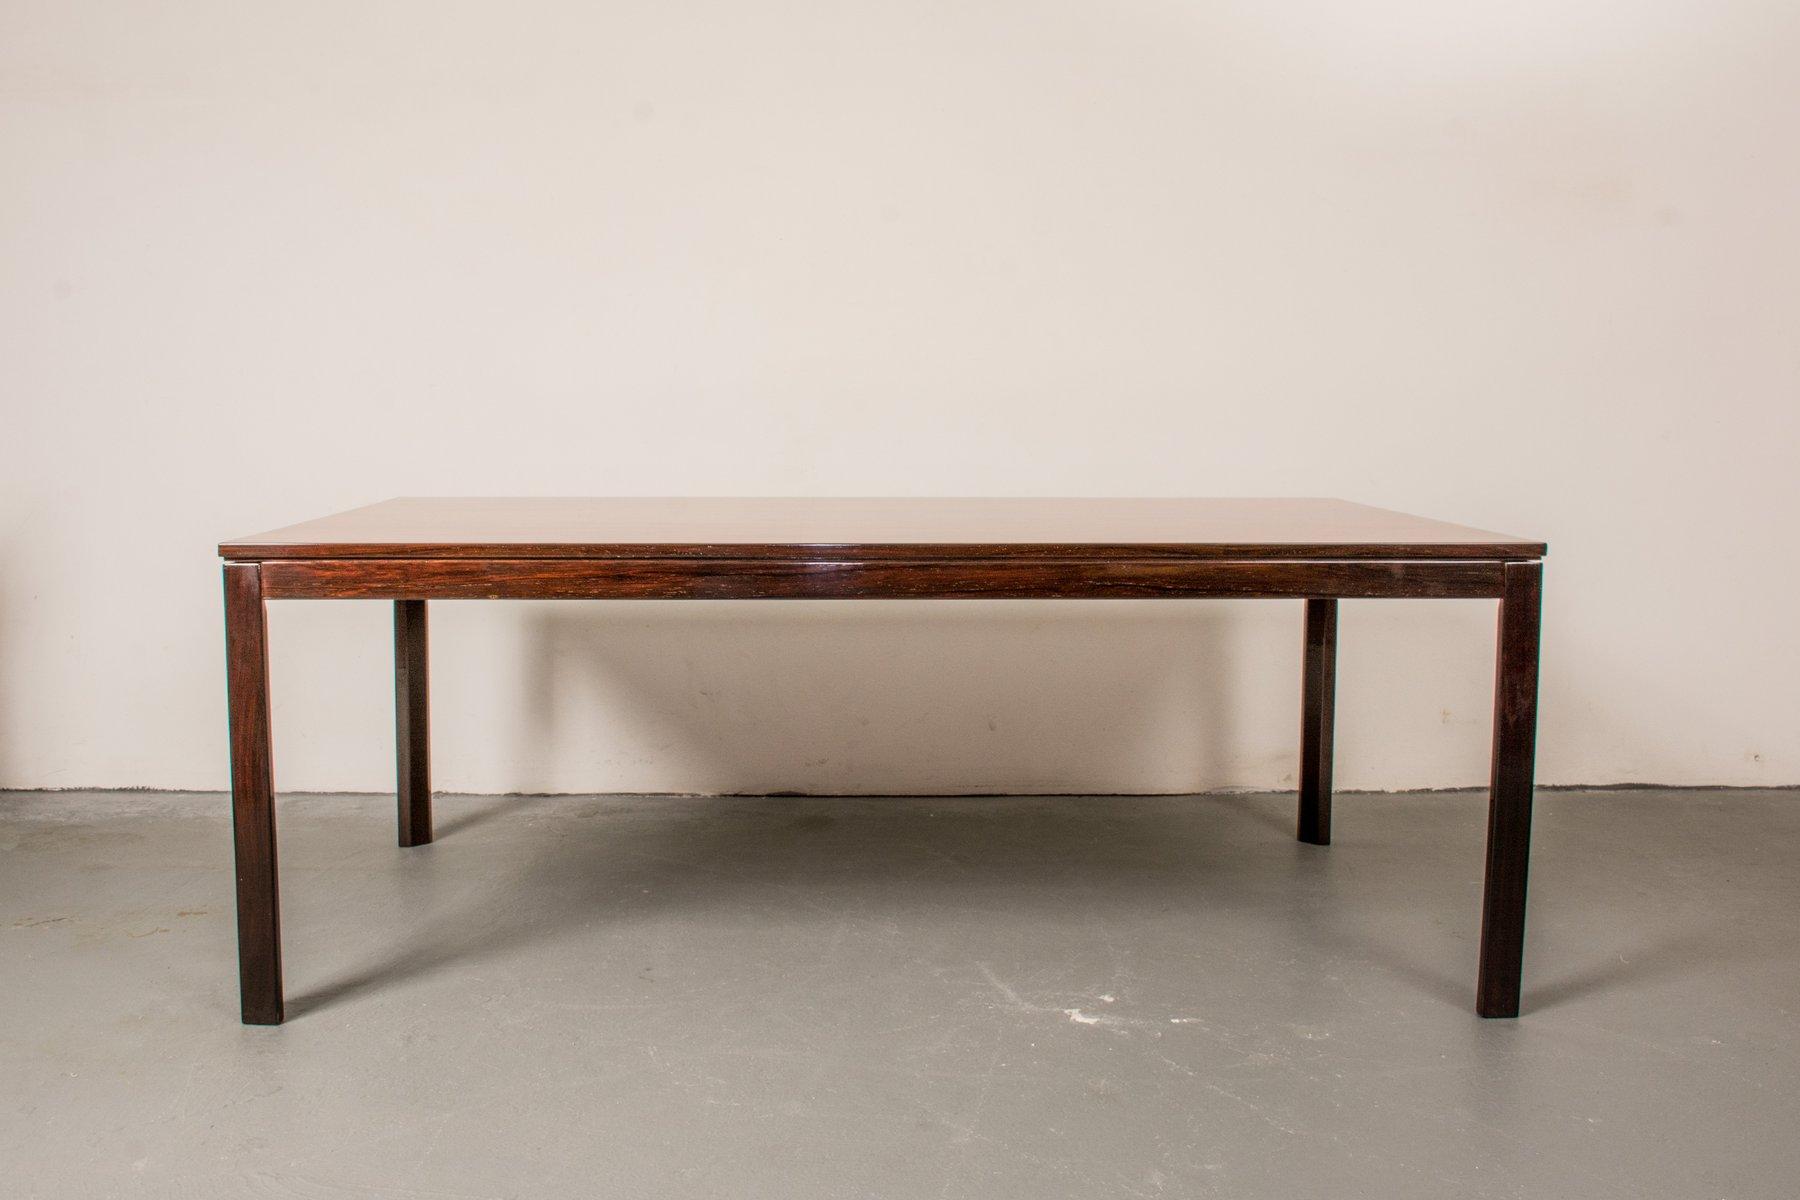 table basse en palissandre danemark 1960s en vente sur pamono. Black Bedroom Furniture Sets. Home Design Ideas